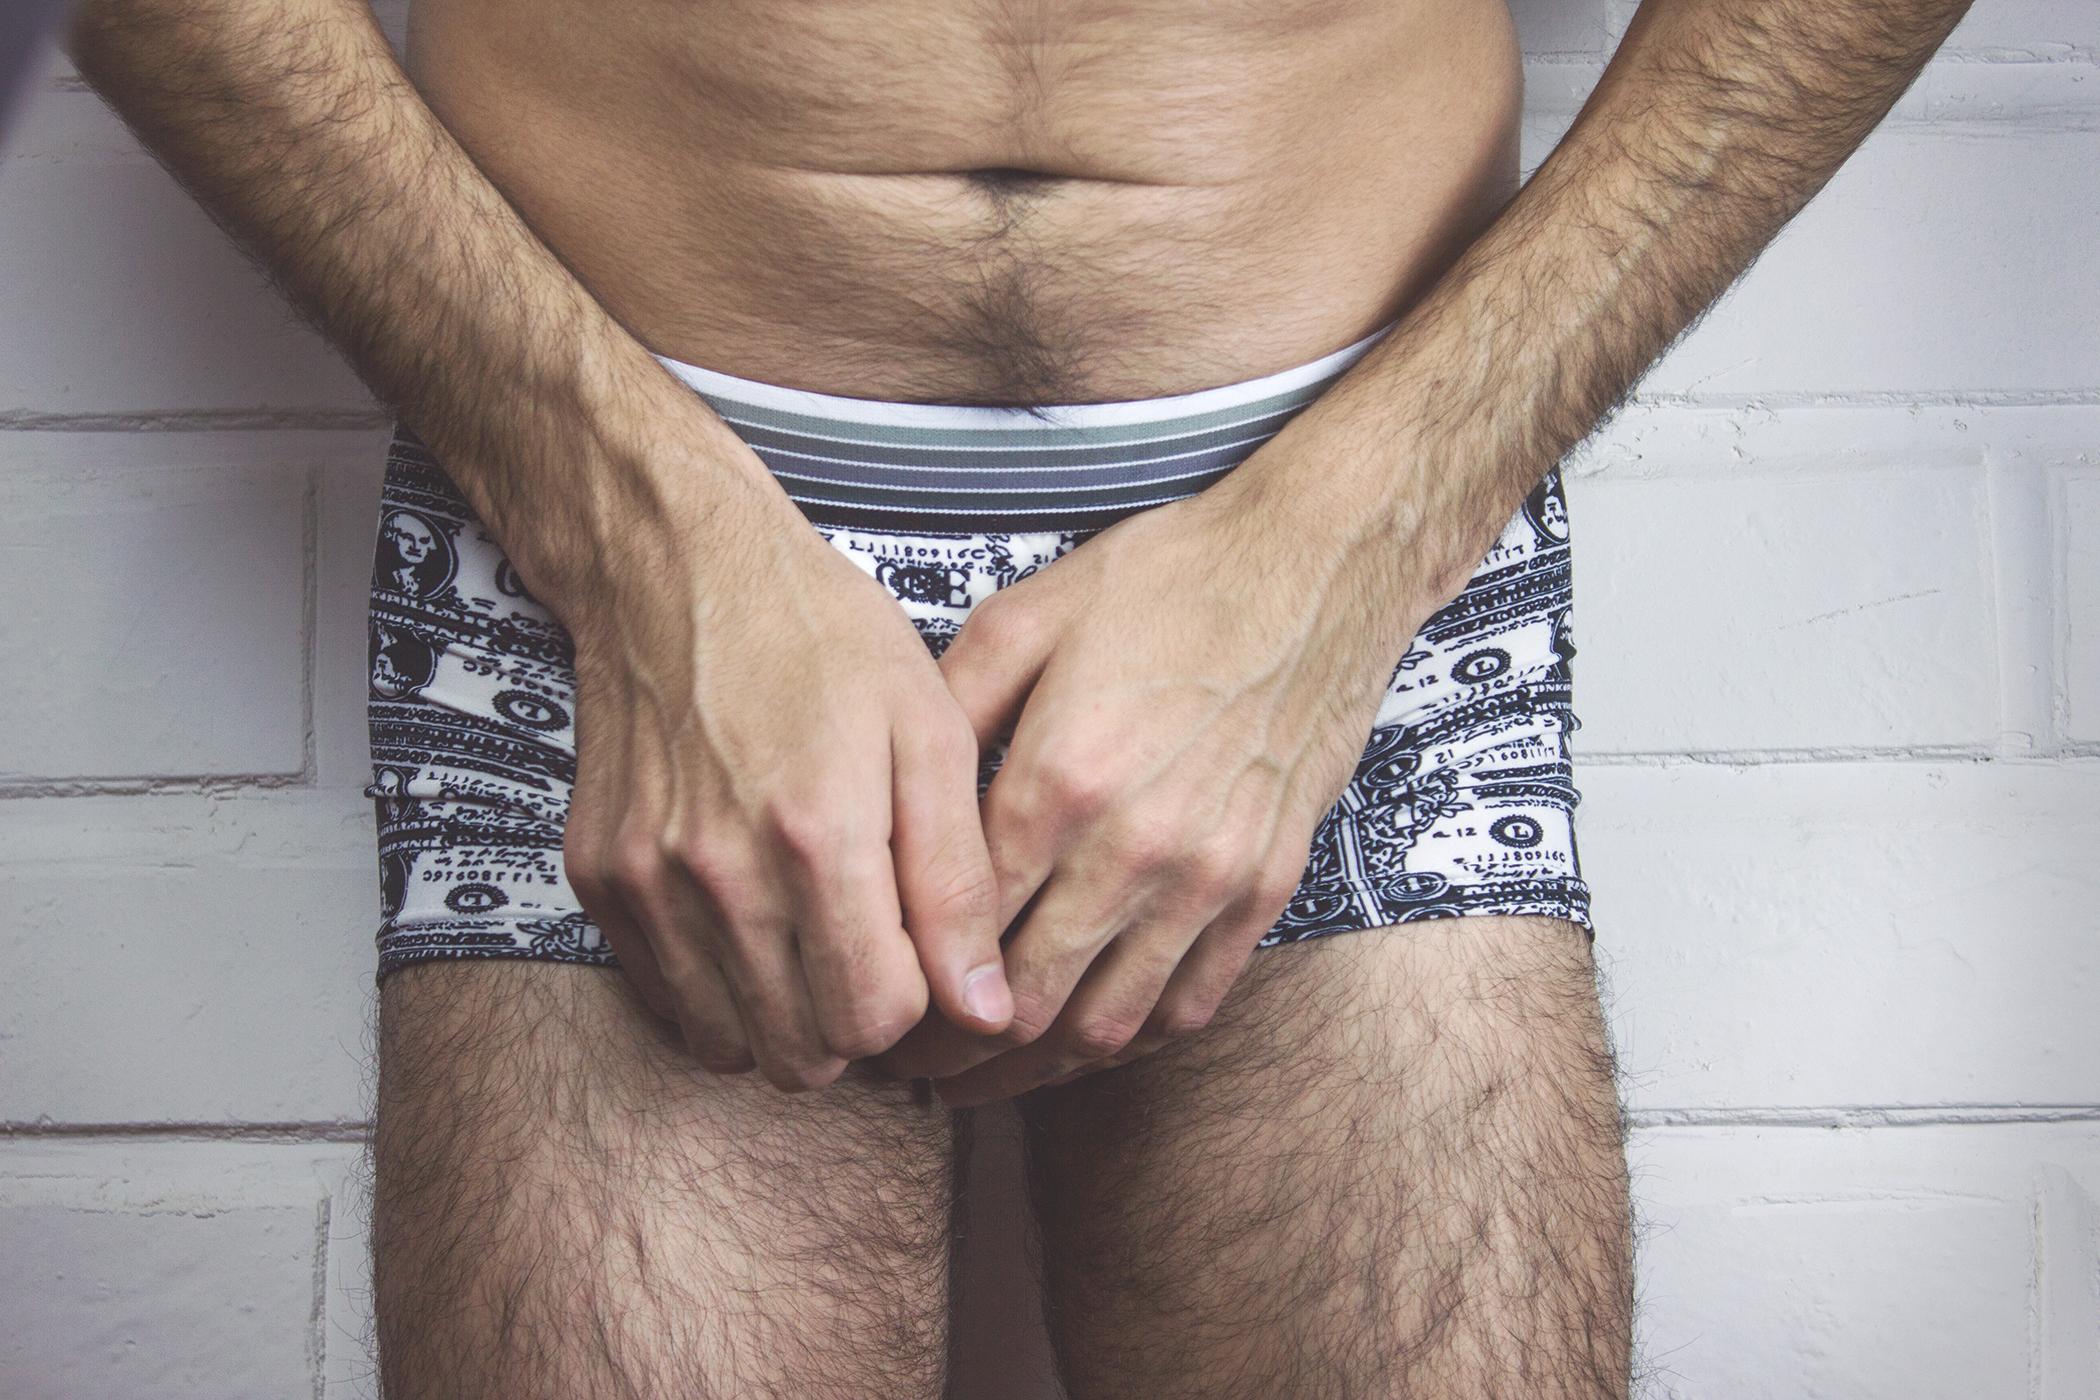 miért az erekcióval rendelkező pénisz különböző méretű három pont a péniszen